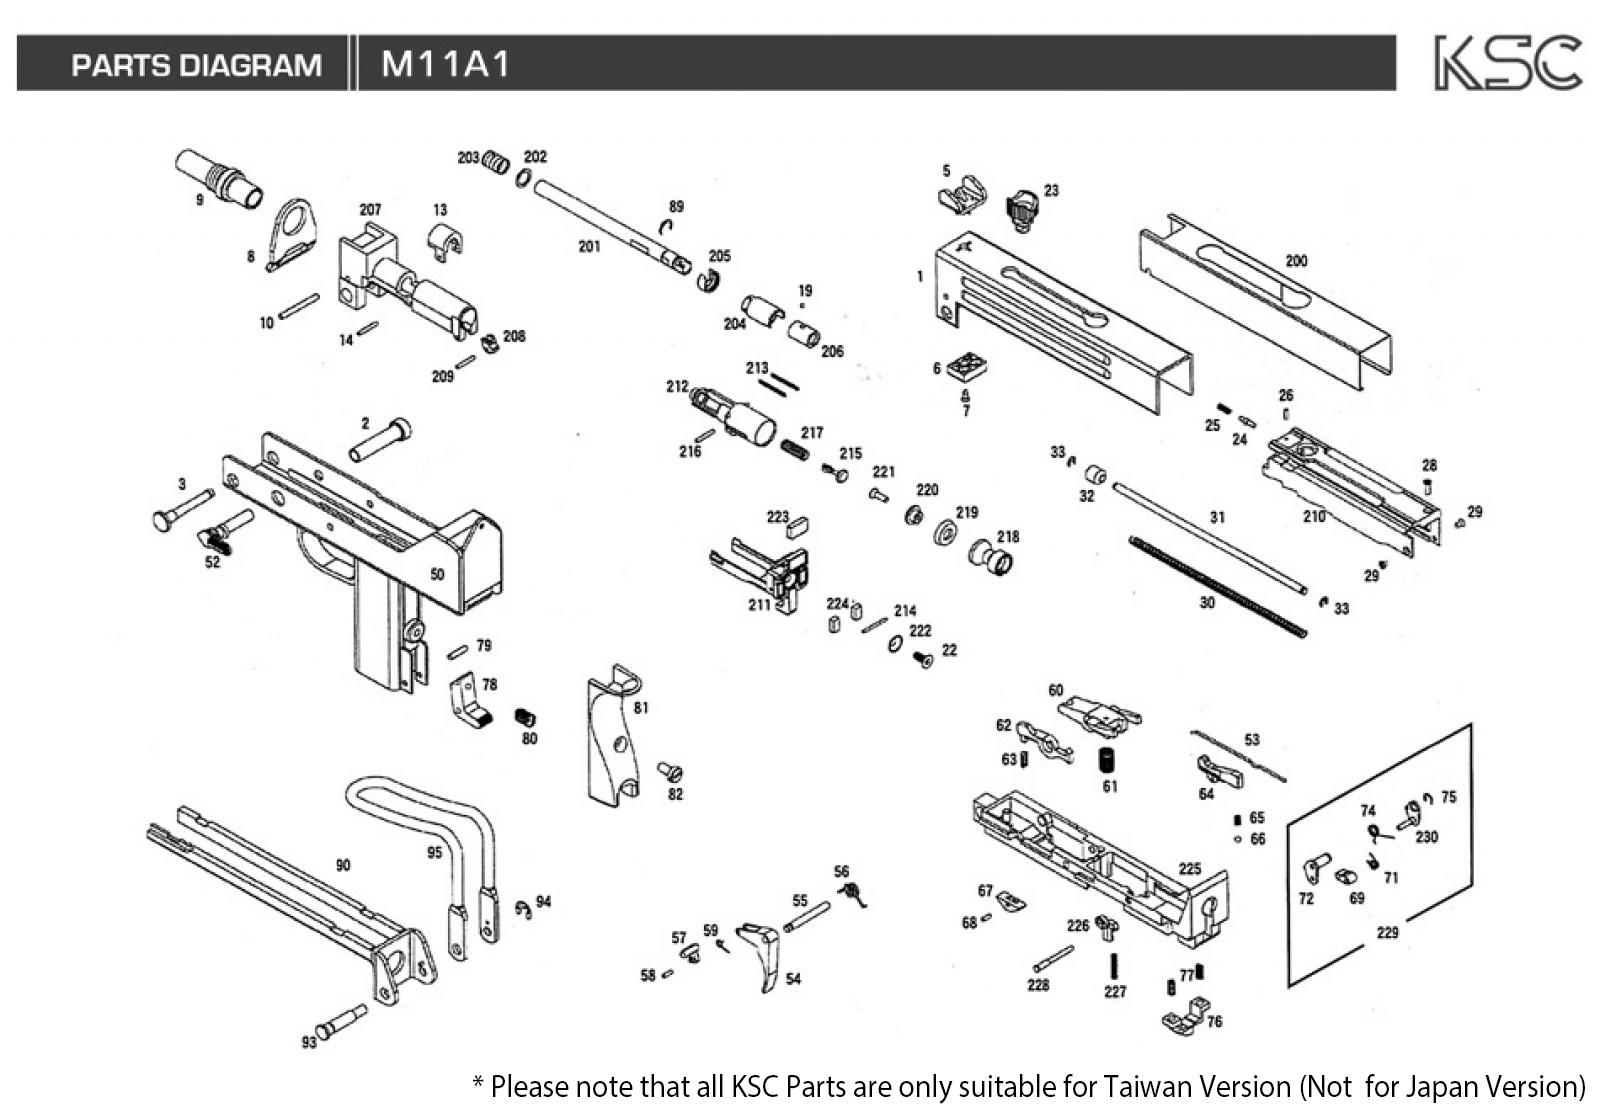 ksc m11a1 gbb parts